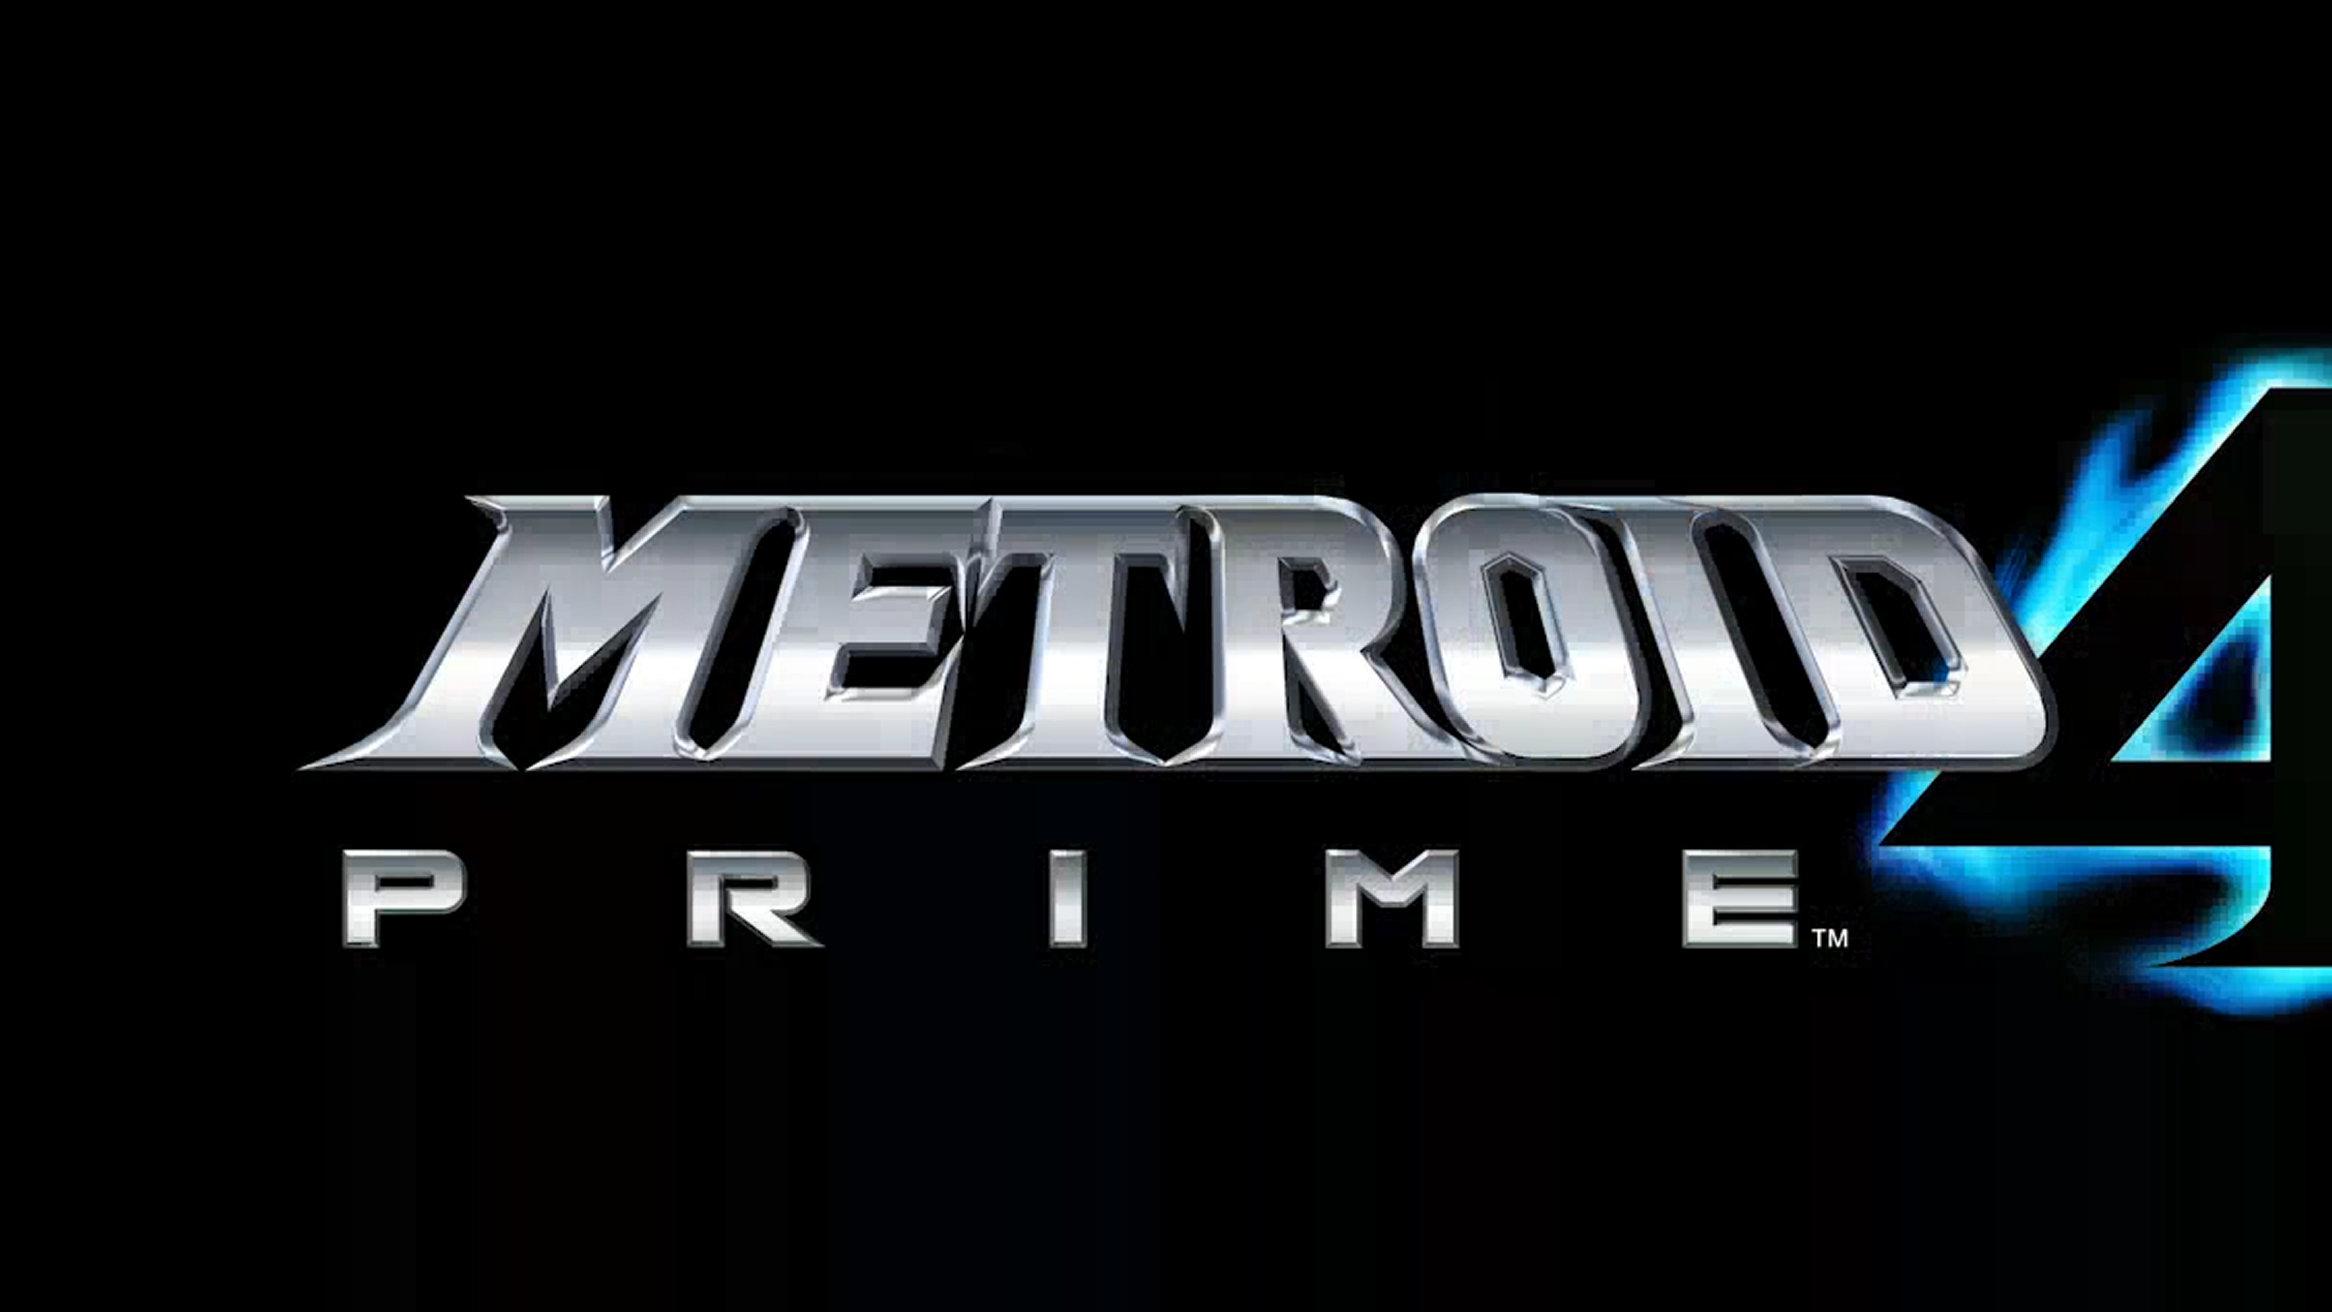 メトロイドプライム4、E3 2019新情報は出ないアレ